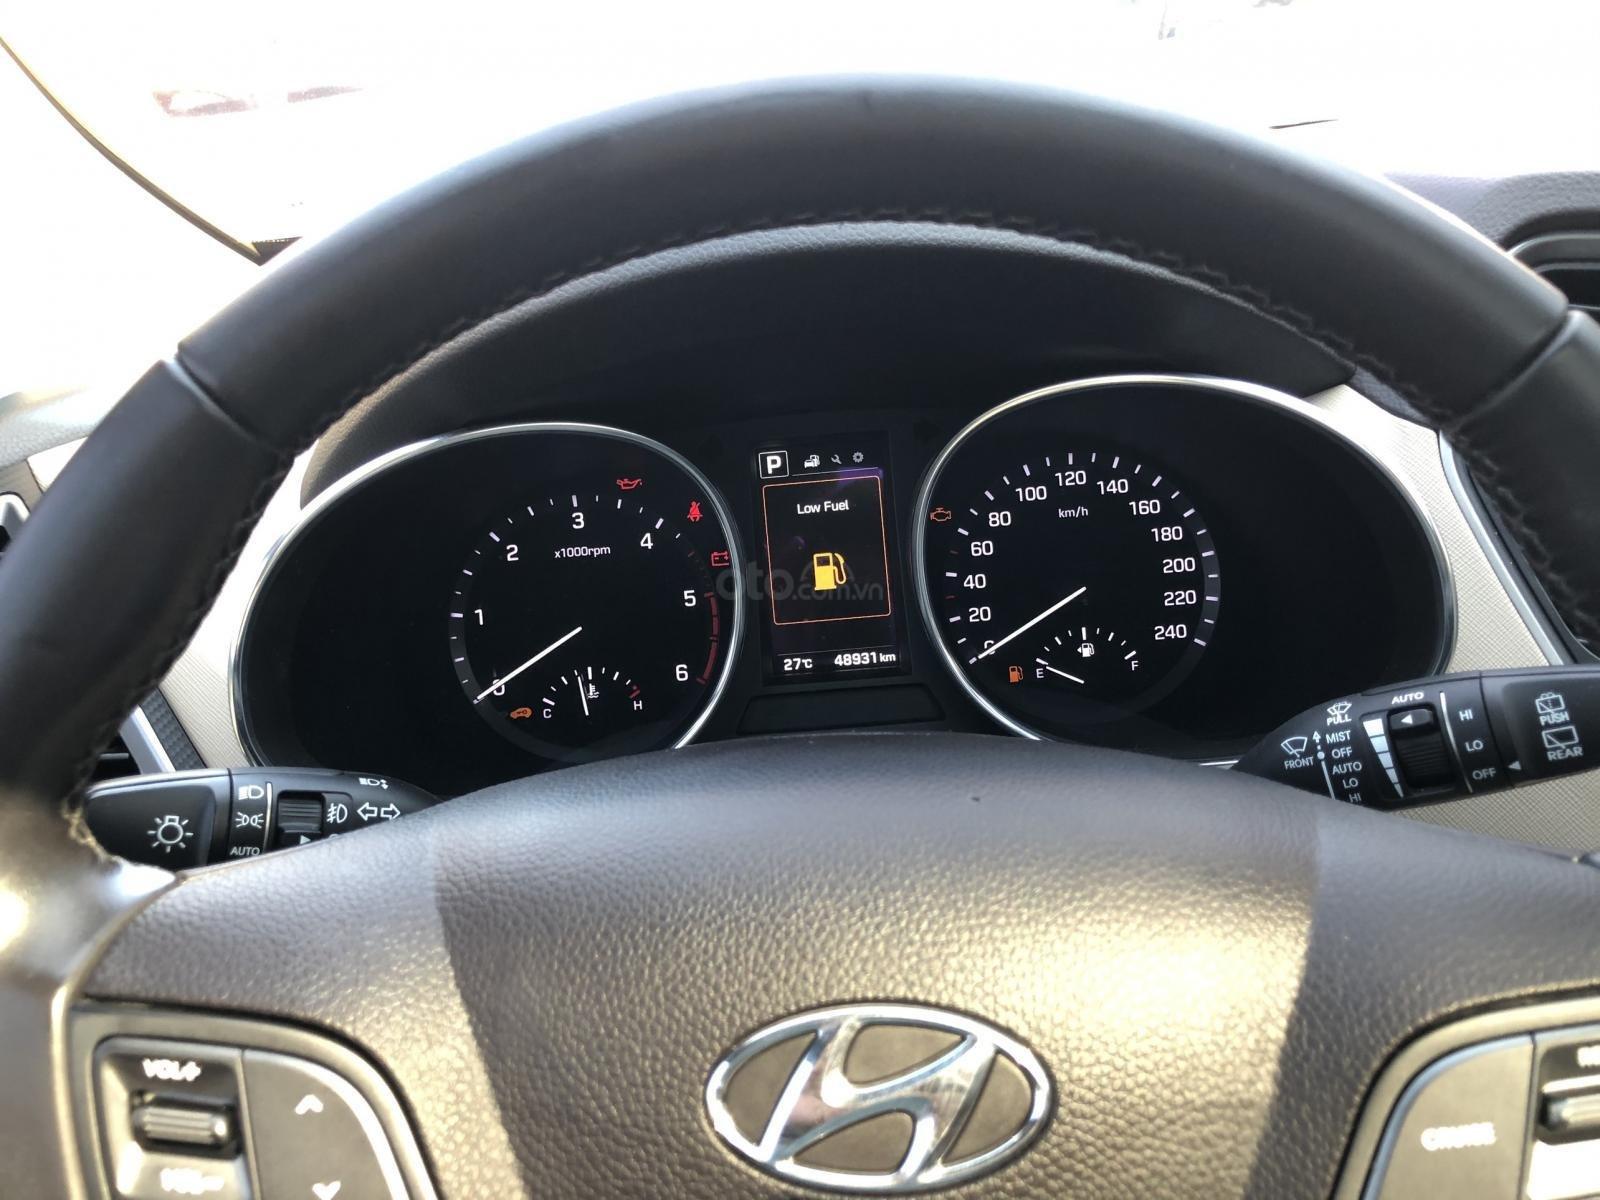 Bán Hyundai Santa Fe 2.2 4WD năm sản xuất 2016, màu nâu, trả góp (3)